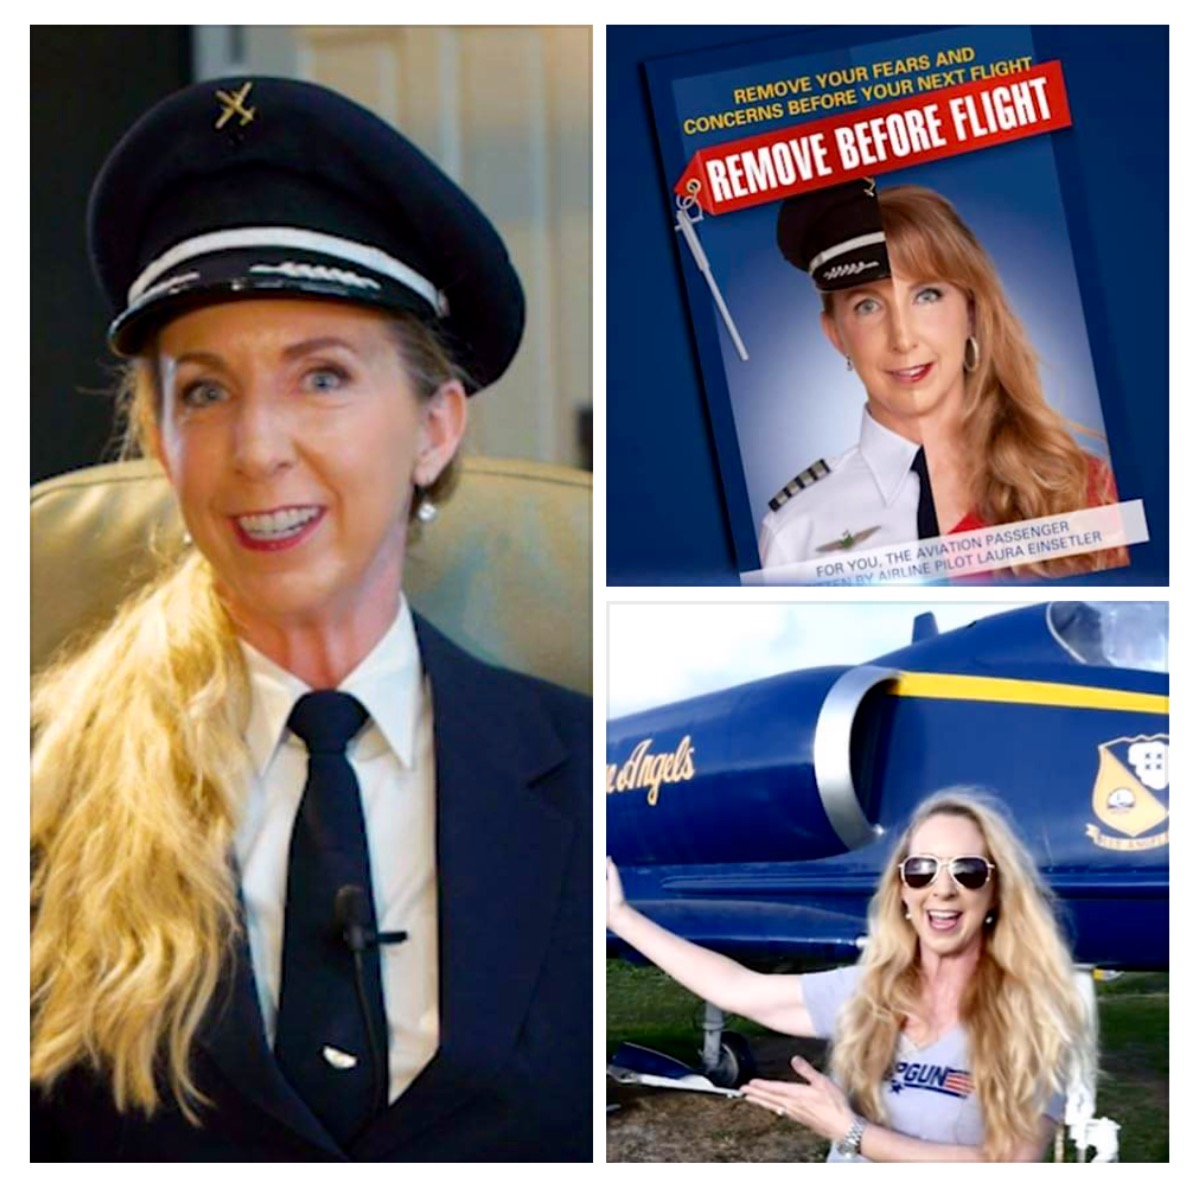 Captain Laura's New Promo Clip!